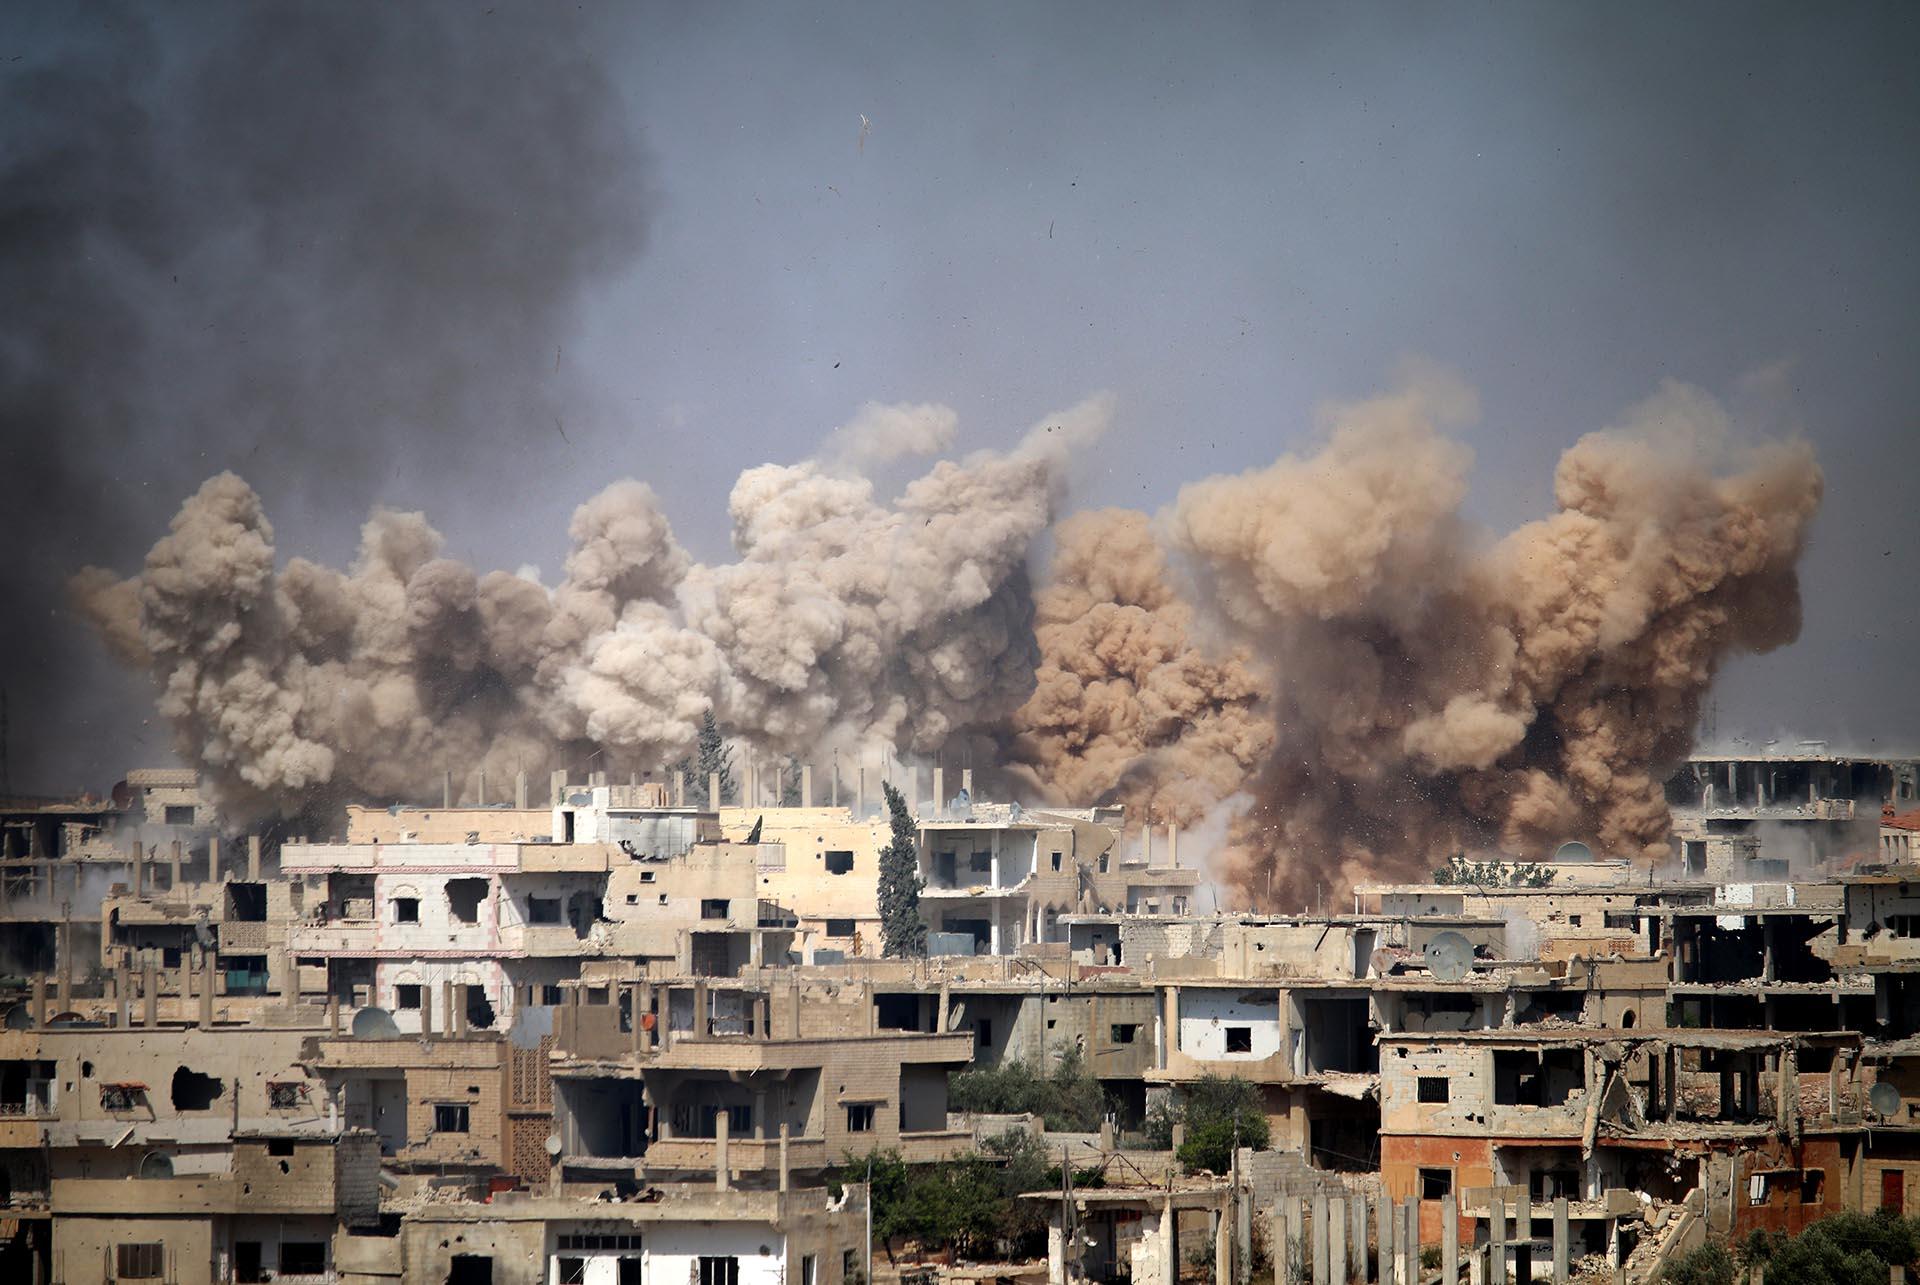 El humo entre los edificios después de un ataque aéreo en una área controlada por los rebeldes en la ciudad siria de Daraa